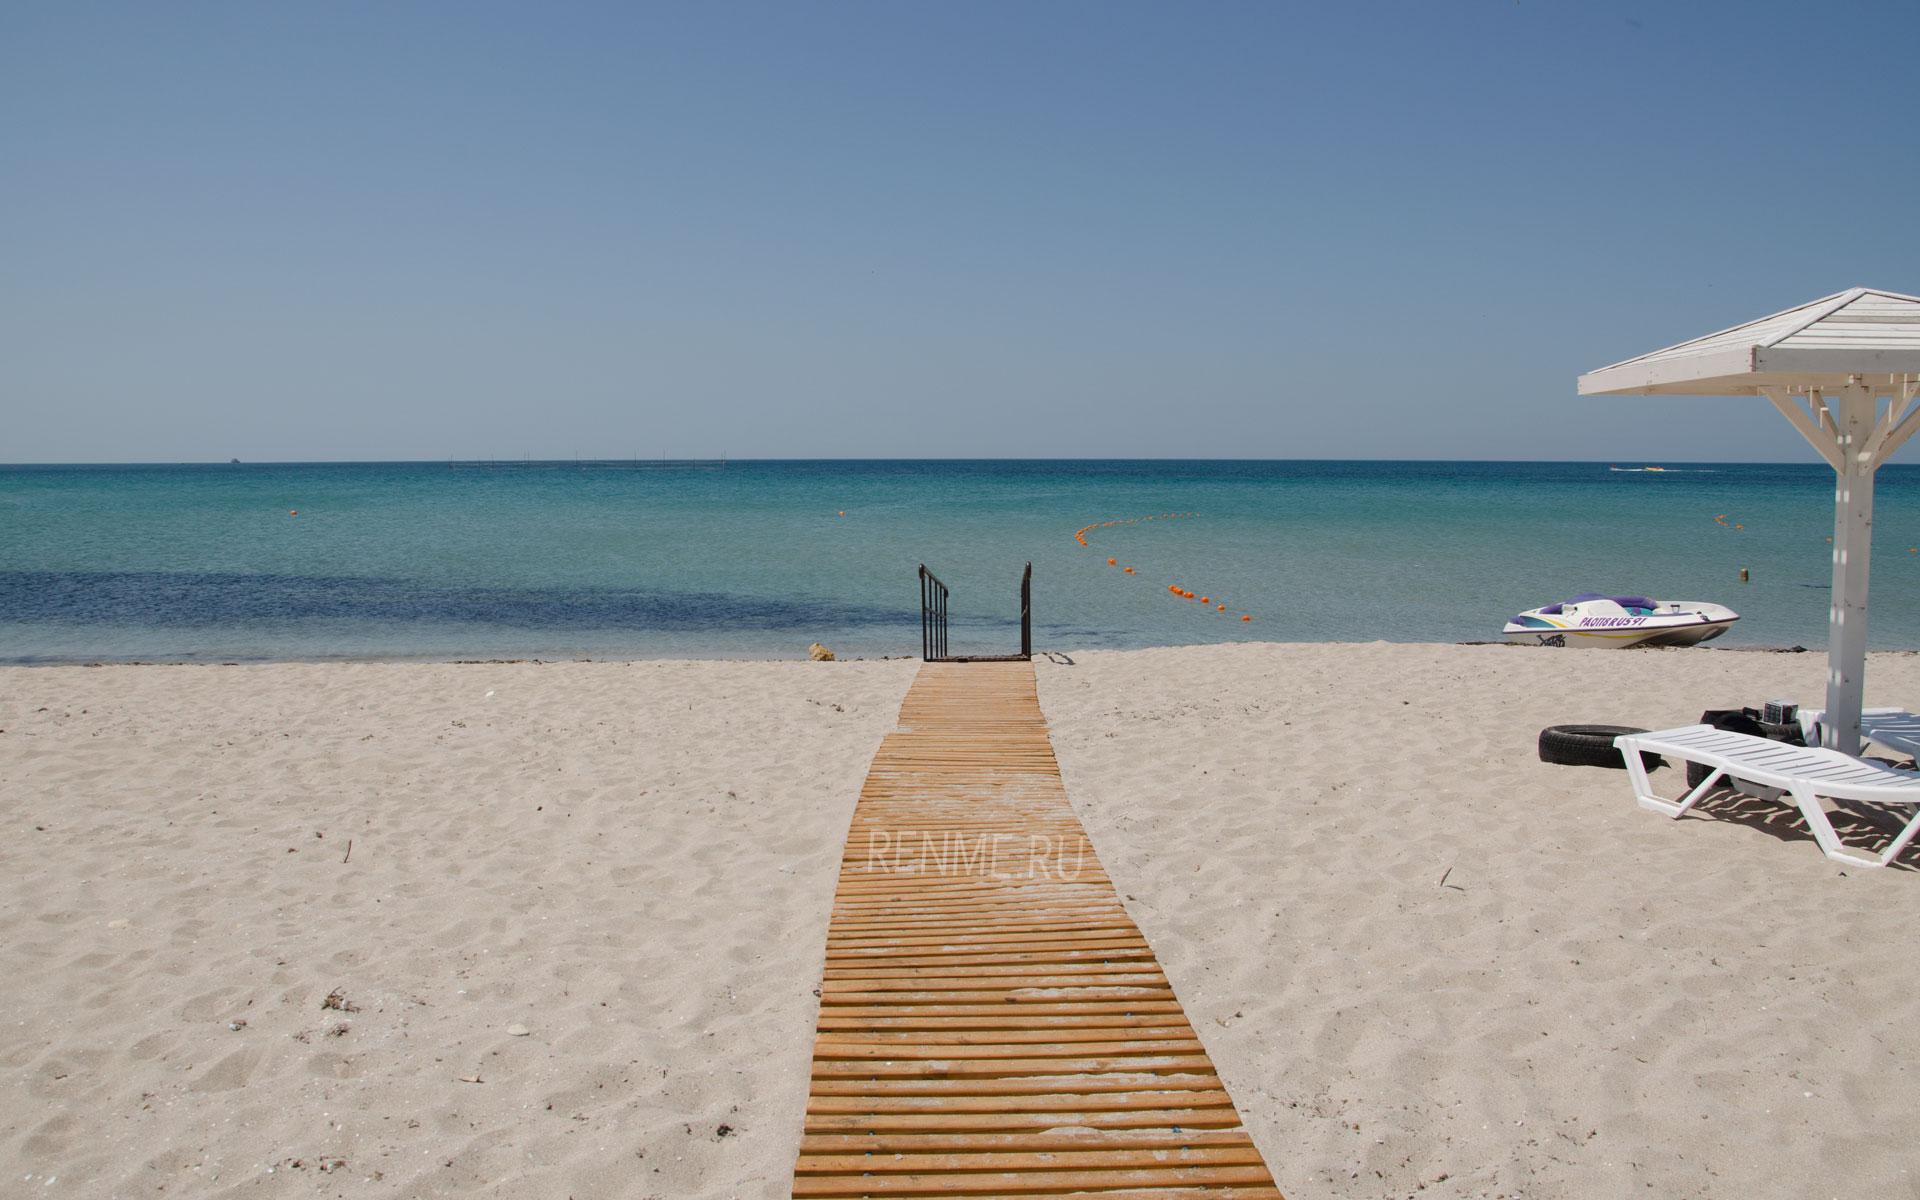 Пляж с дорожкой в воду в Оленевке. Фото Оленевки